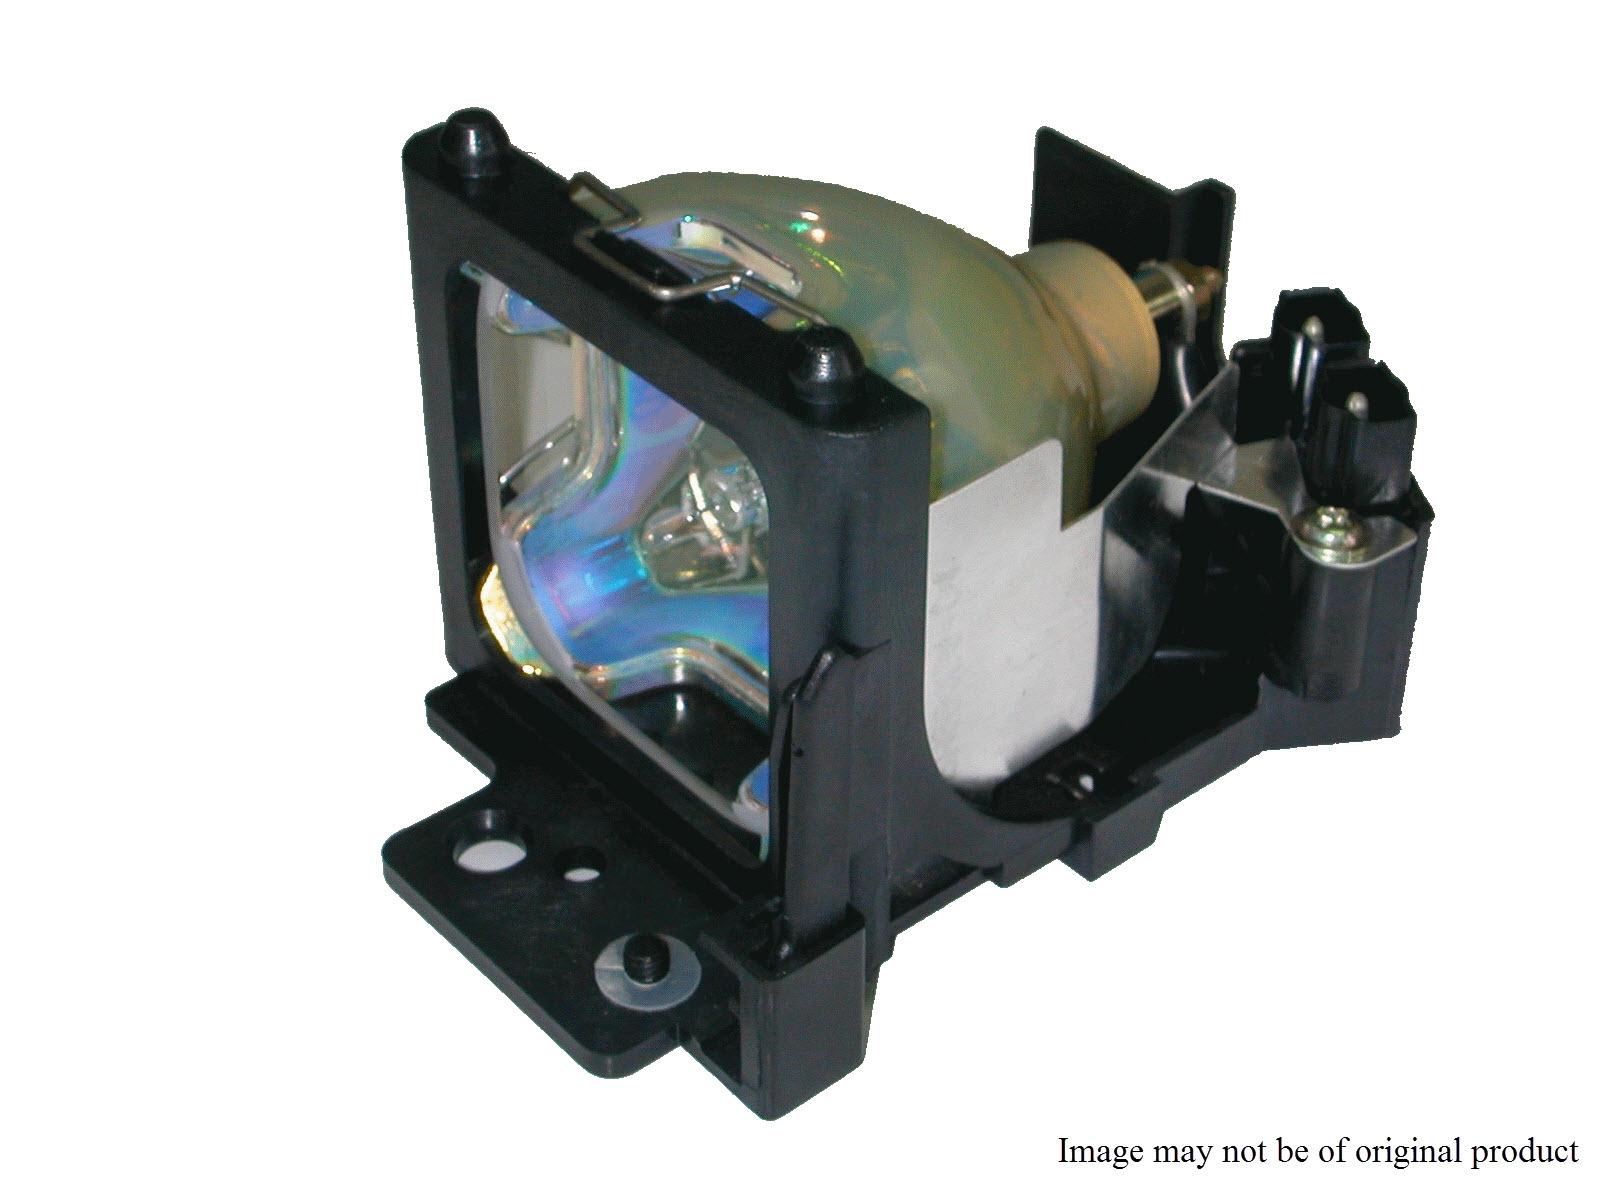 V7 VPL866-1E 230W projection lamp